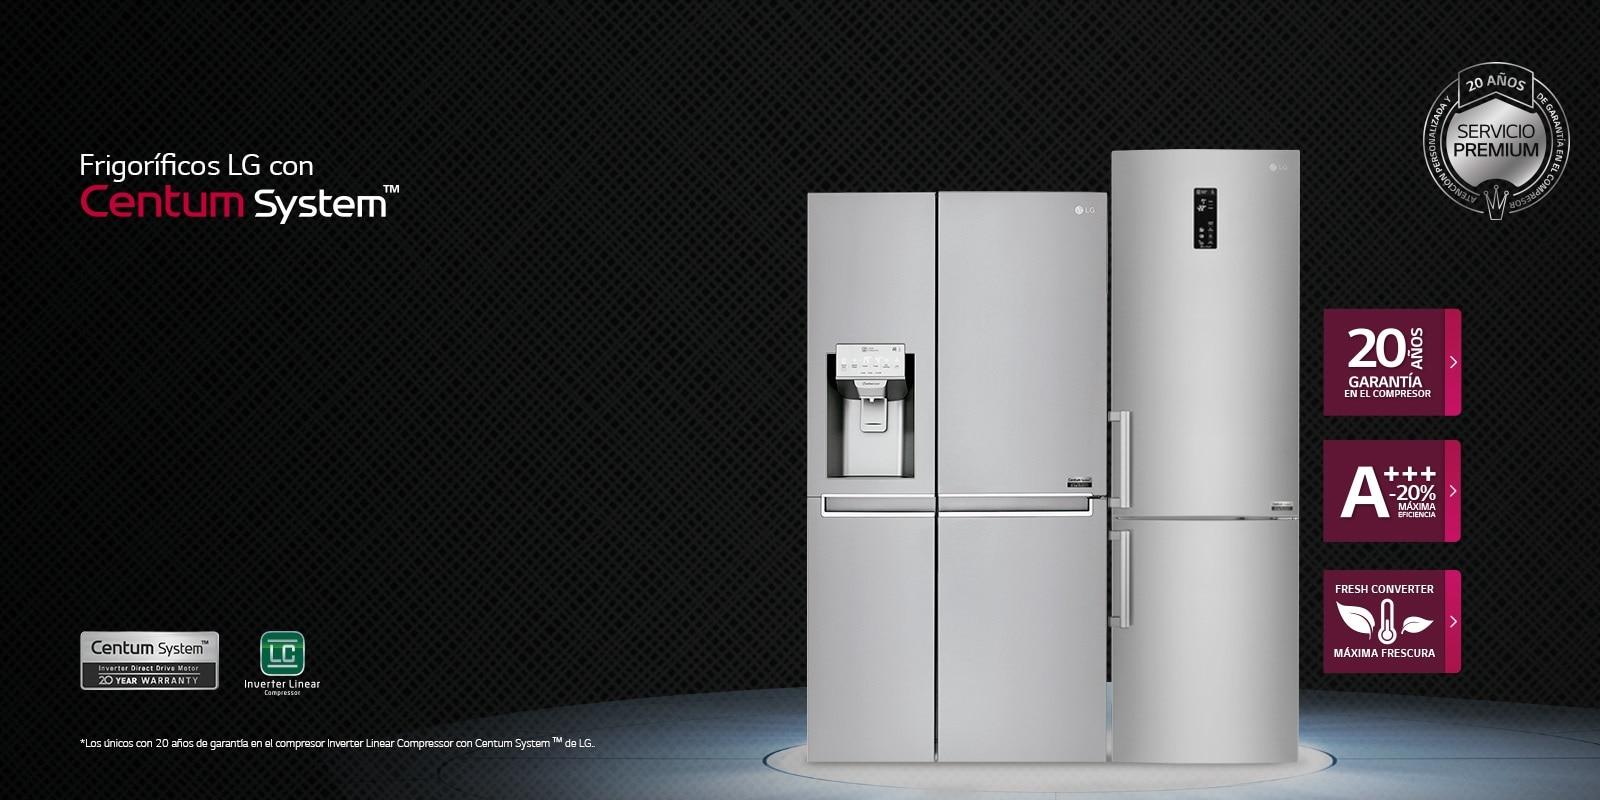 Neveras lg frigor ficos de bajo consumo lg espa a - Frigorificos 2 puertas carrefour ...